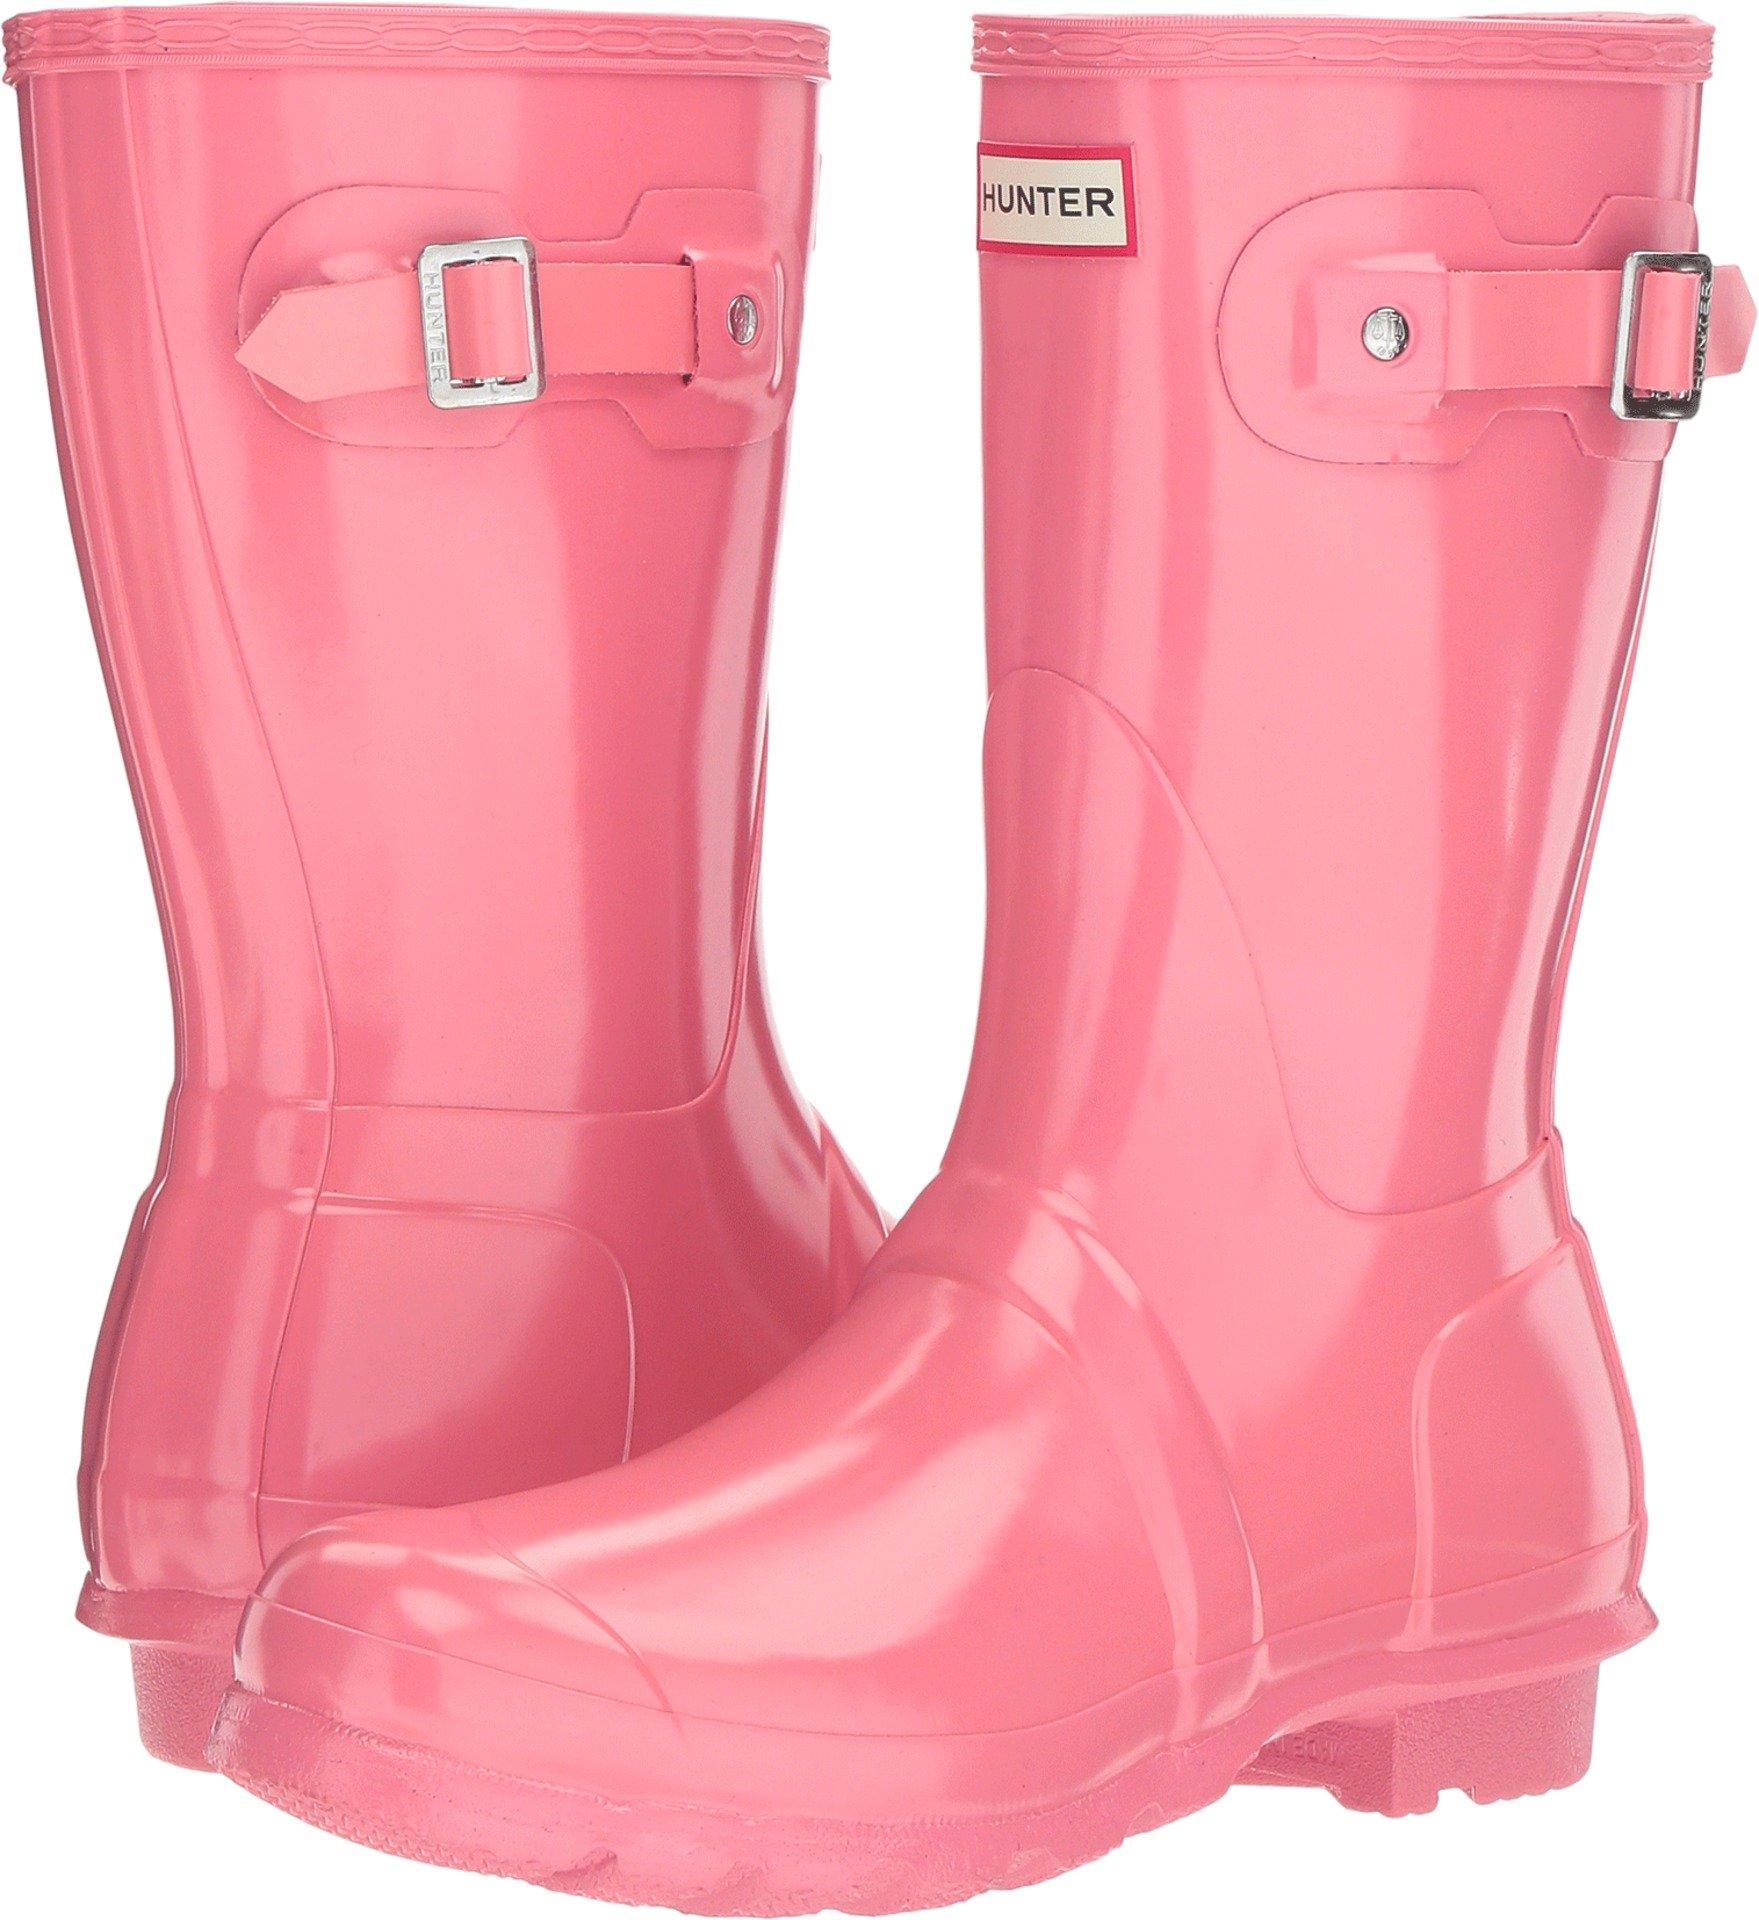 Hunter Women's Original Short Gloss Pink Rain Boots - 8 B(M) US